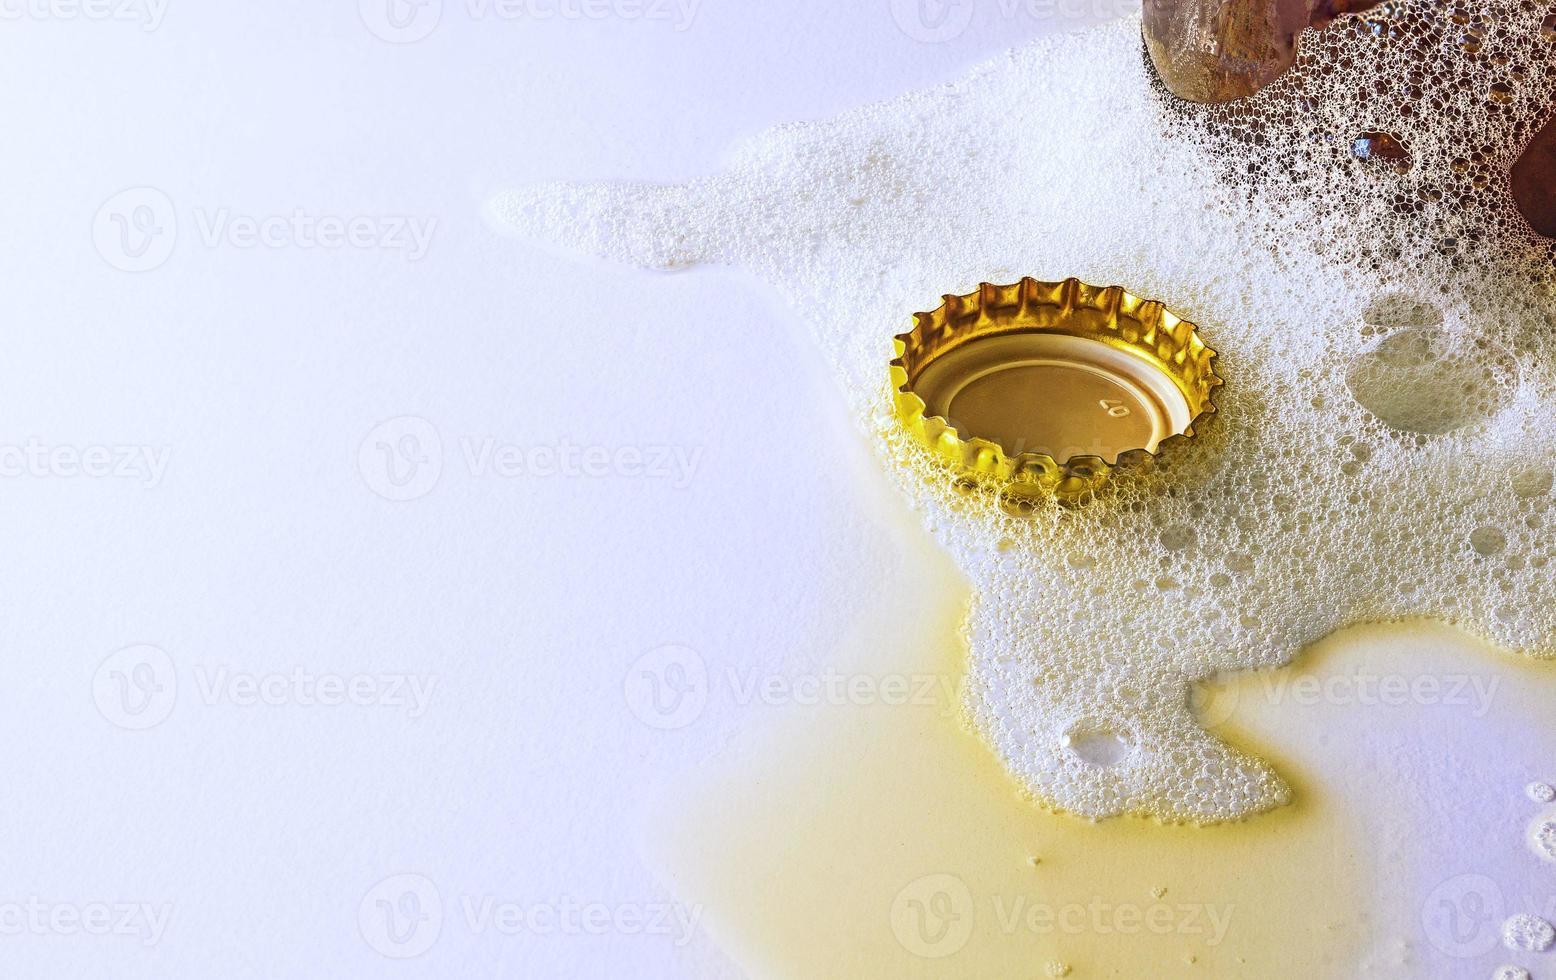 Cork in beer foam photo